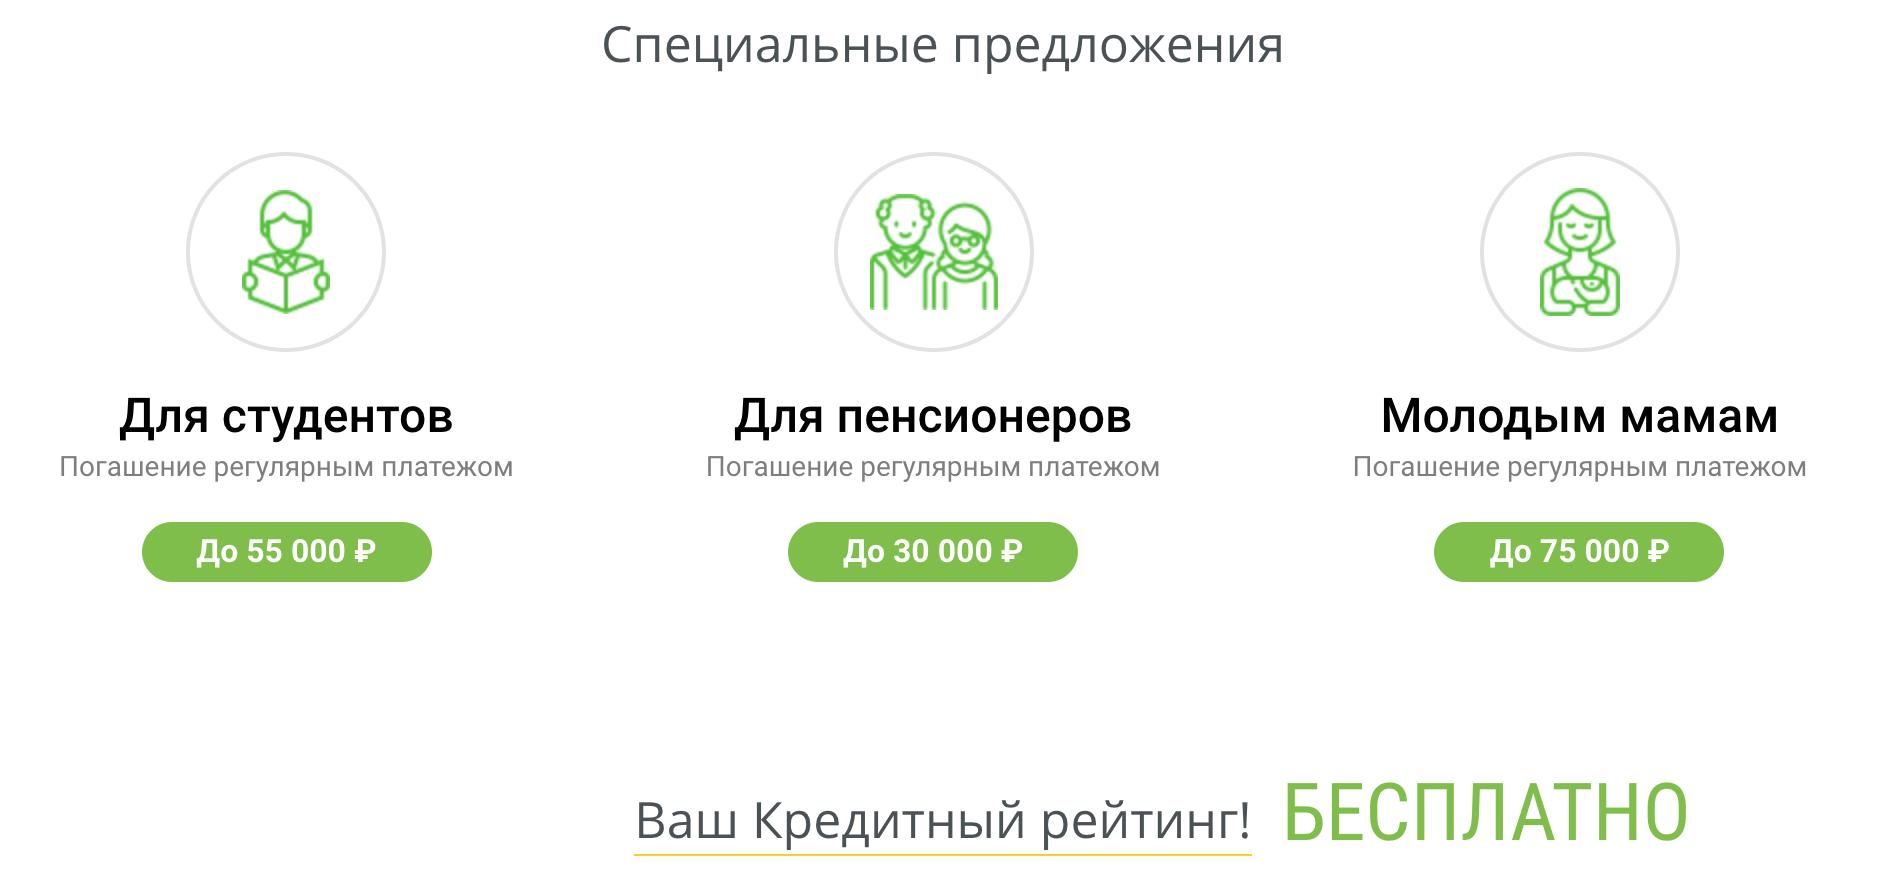 альфа банк кредит карта отзывы